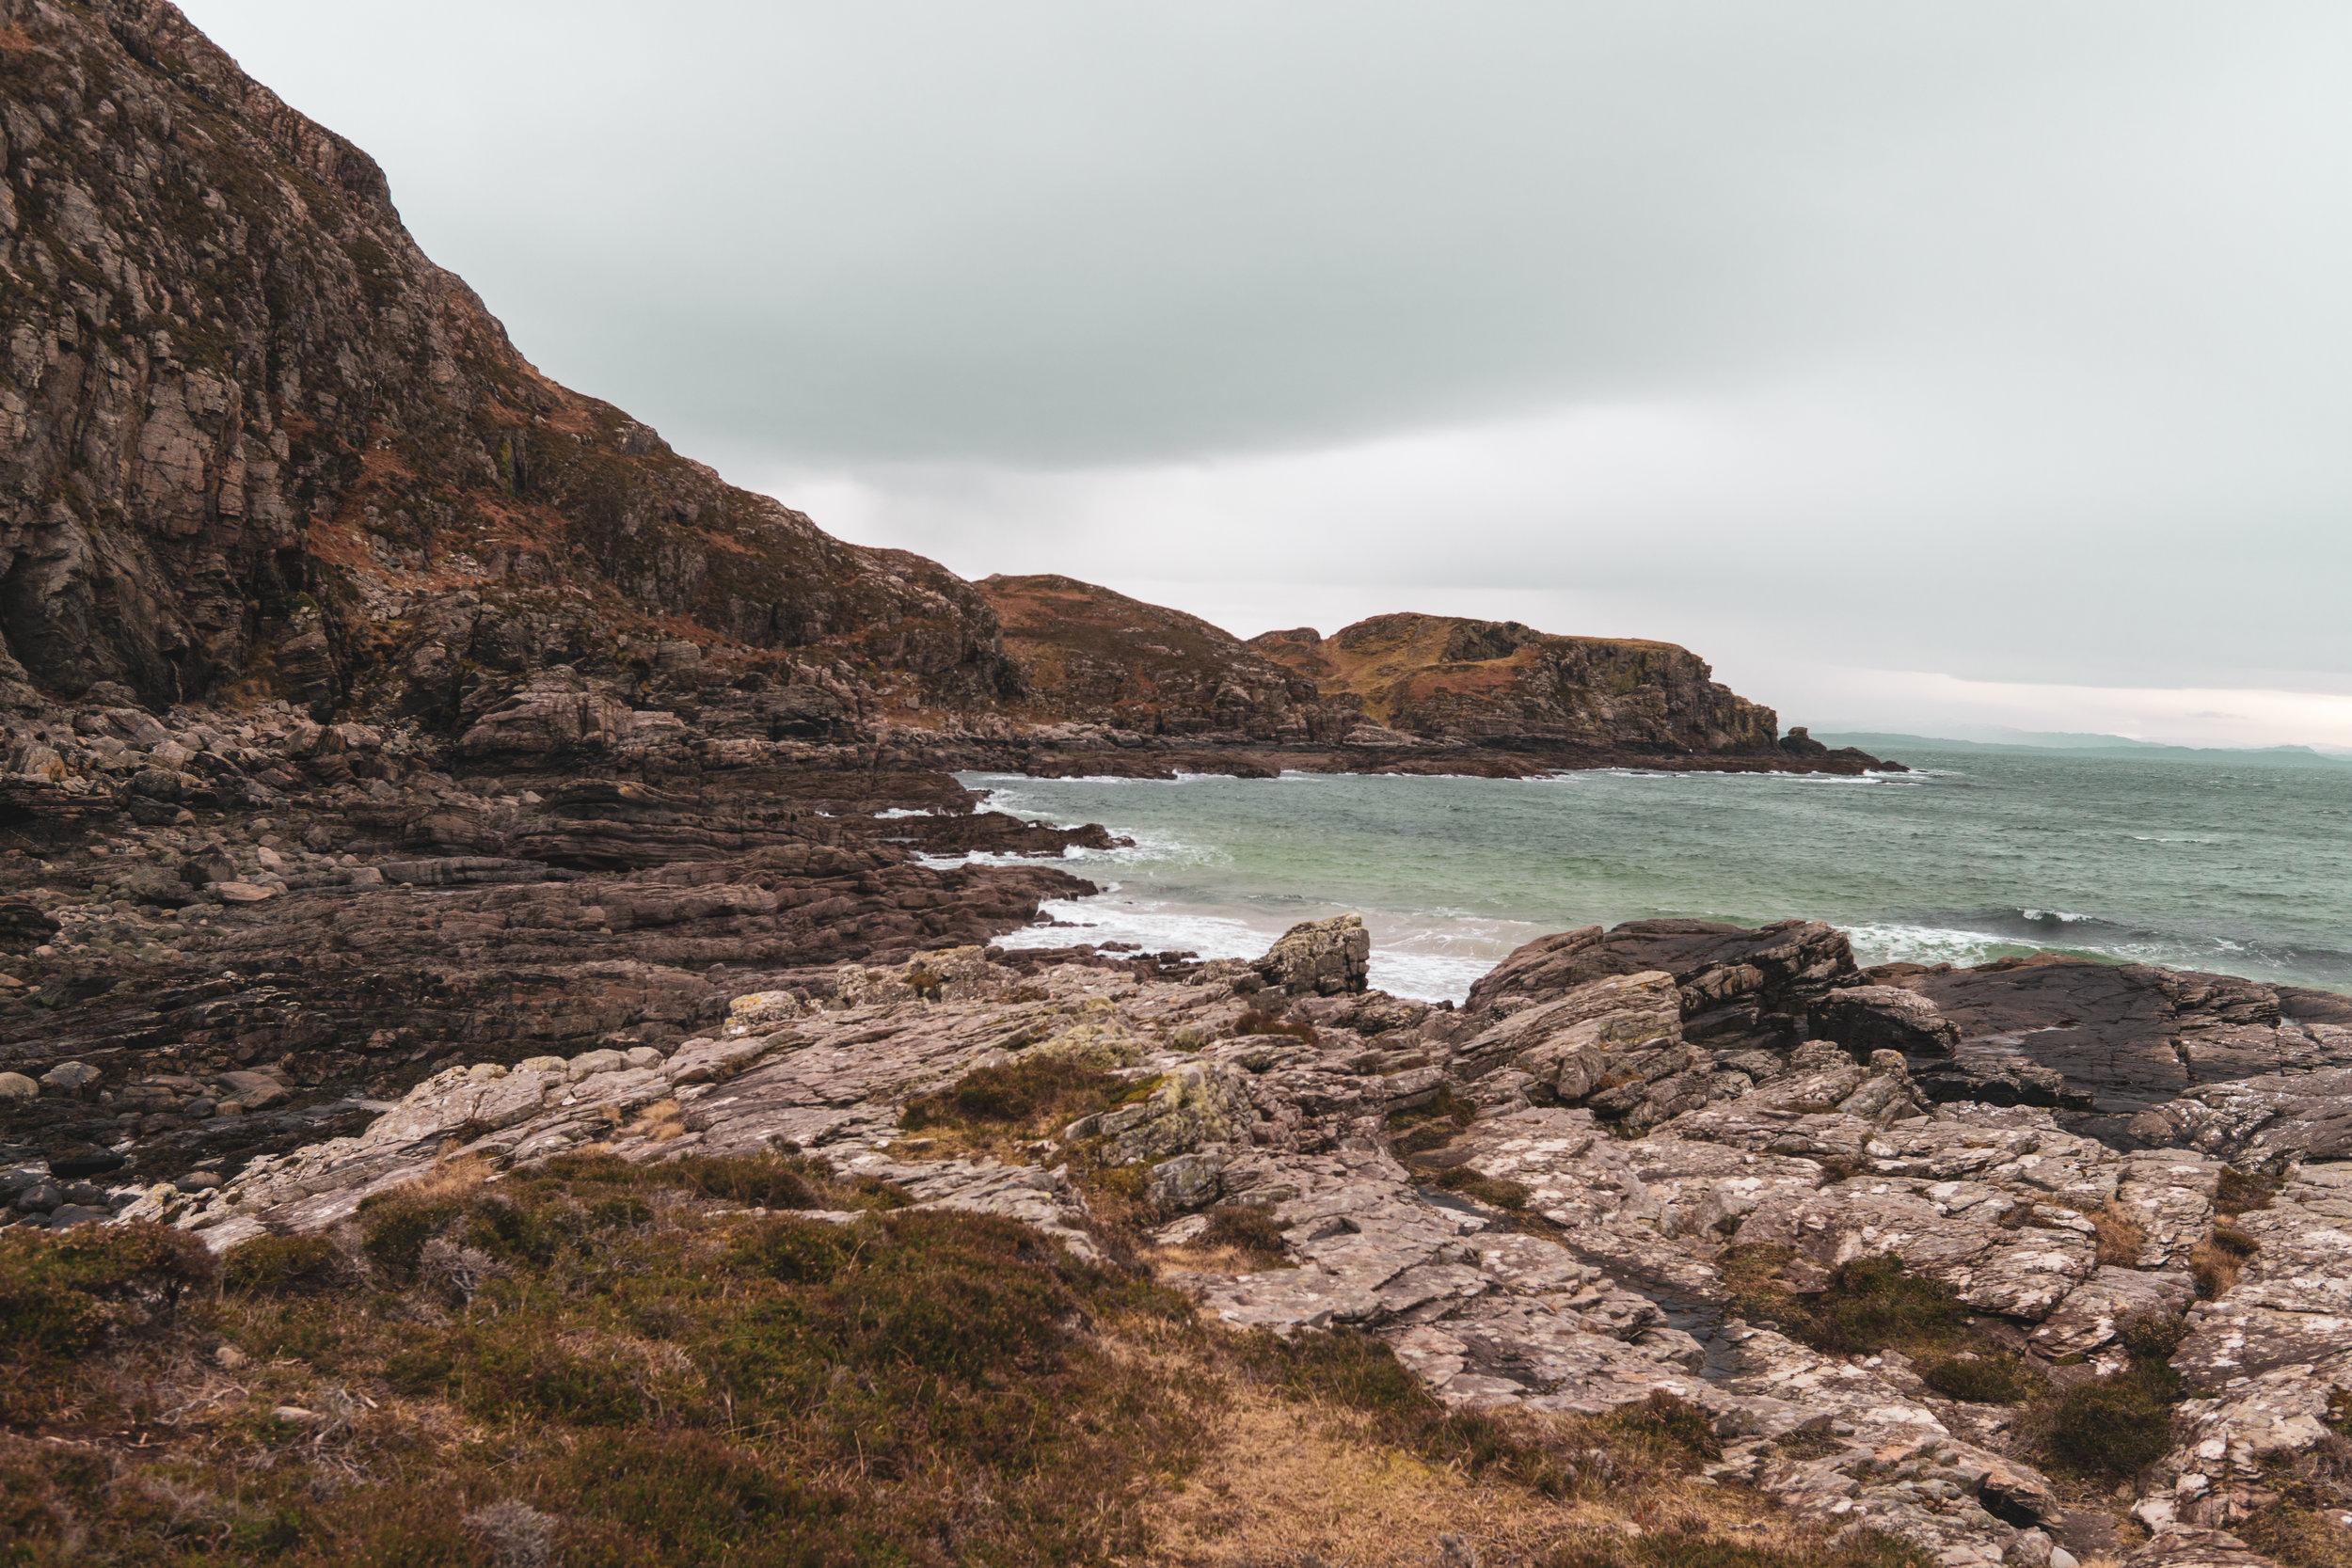 Isle-of-Skye-Point-of-Sleat (7).jpg